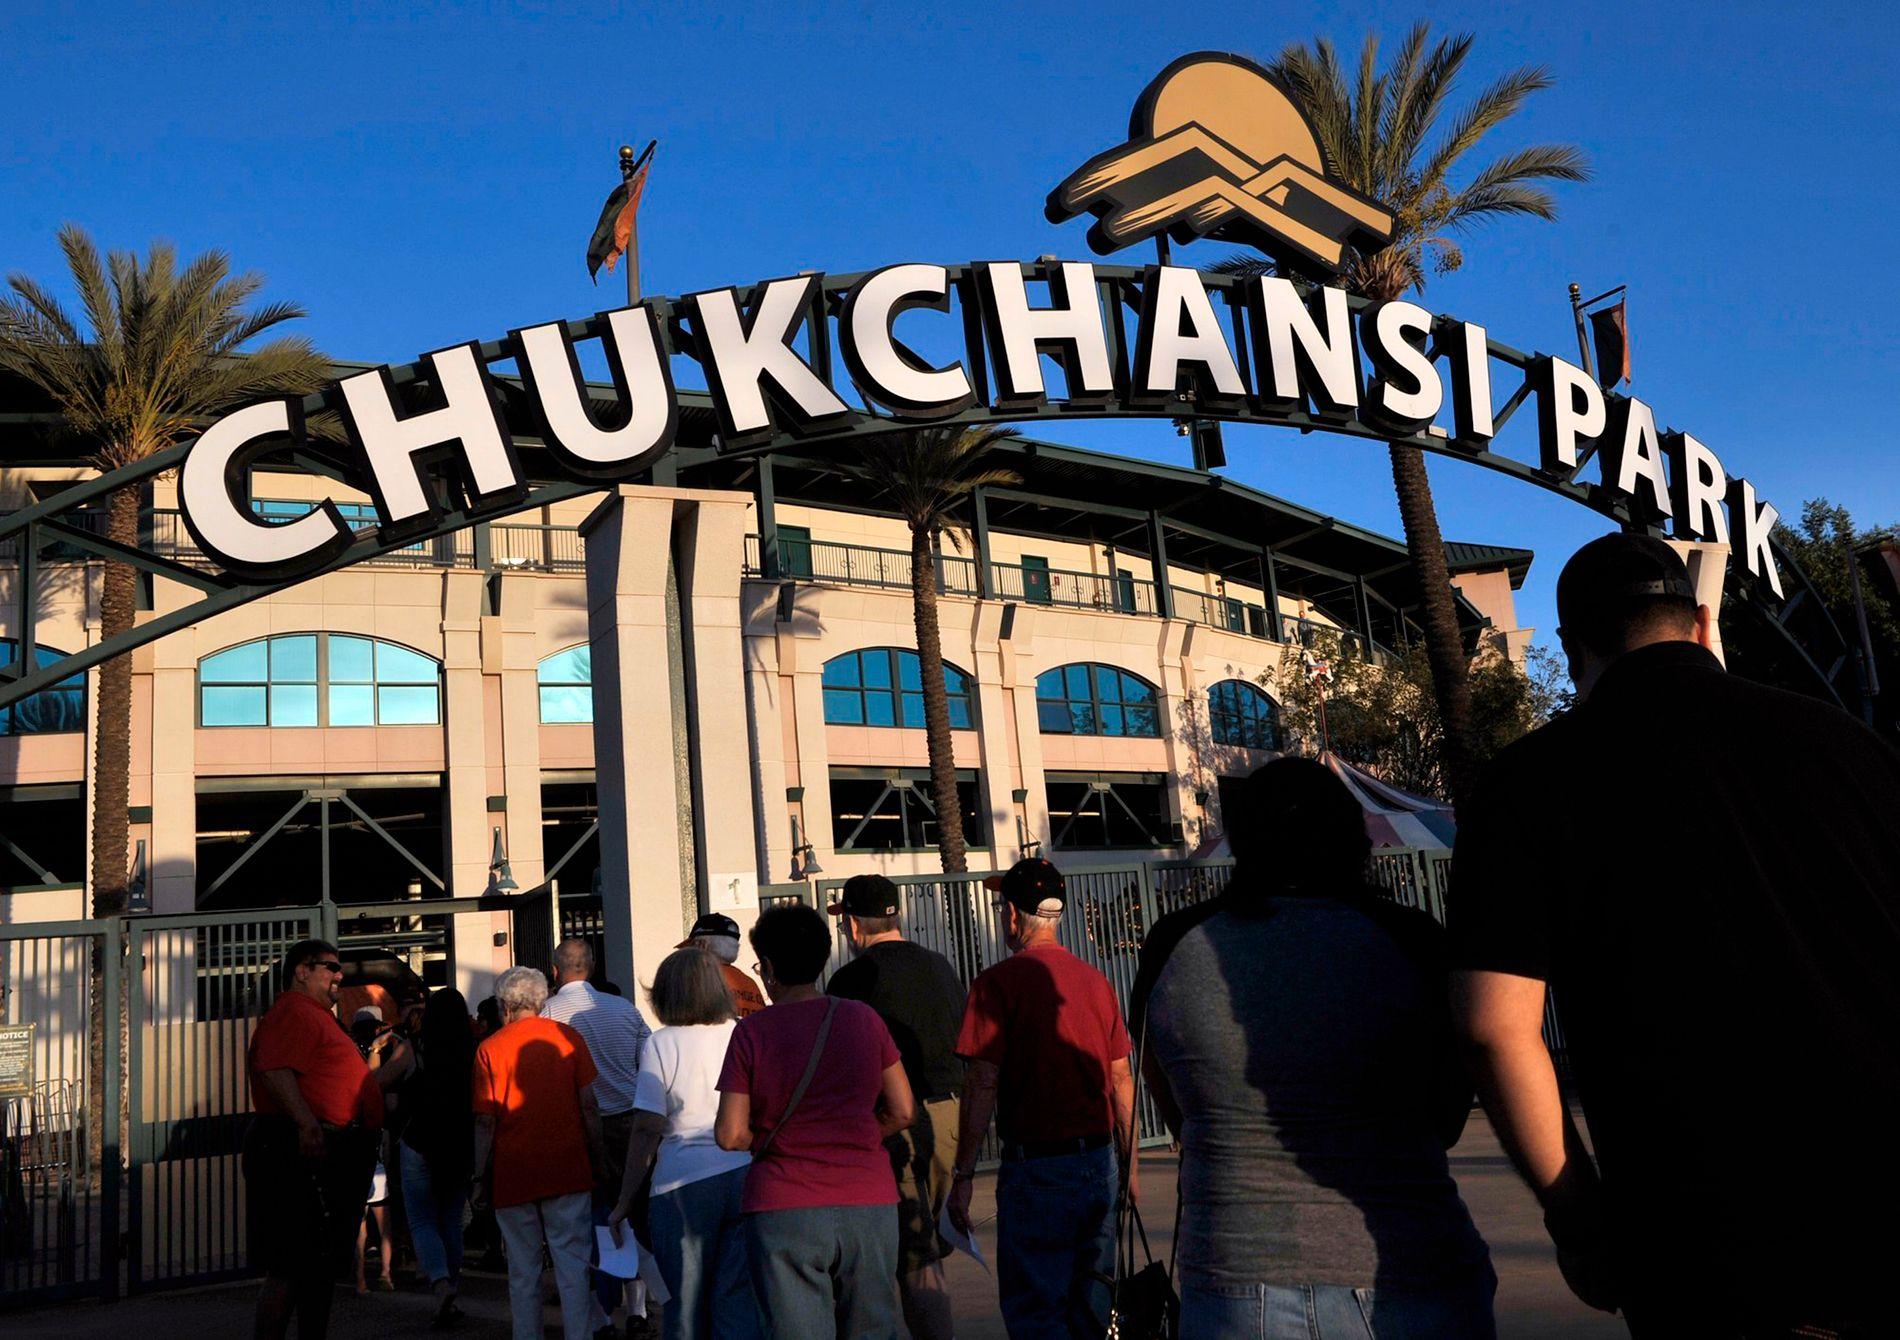 SKJEDDE HER: Spisekonkurransen ble holdt på baseballstadionet Chukchansi Park, under en kamp mellom hjemmelaget Frezno Grizzlies og Memphis Redbirds. Bildet er fra en tidligere kamp.